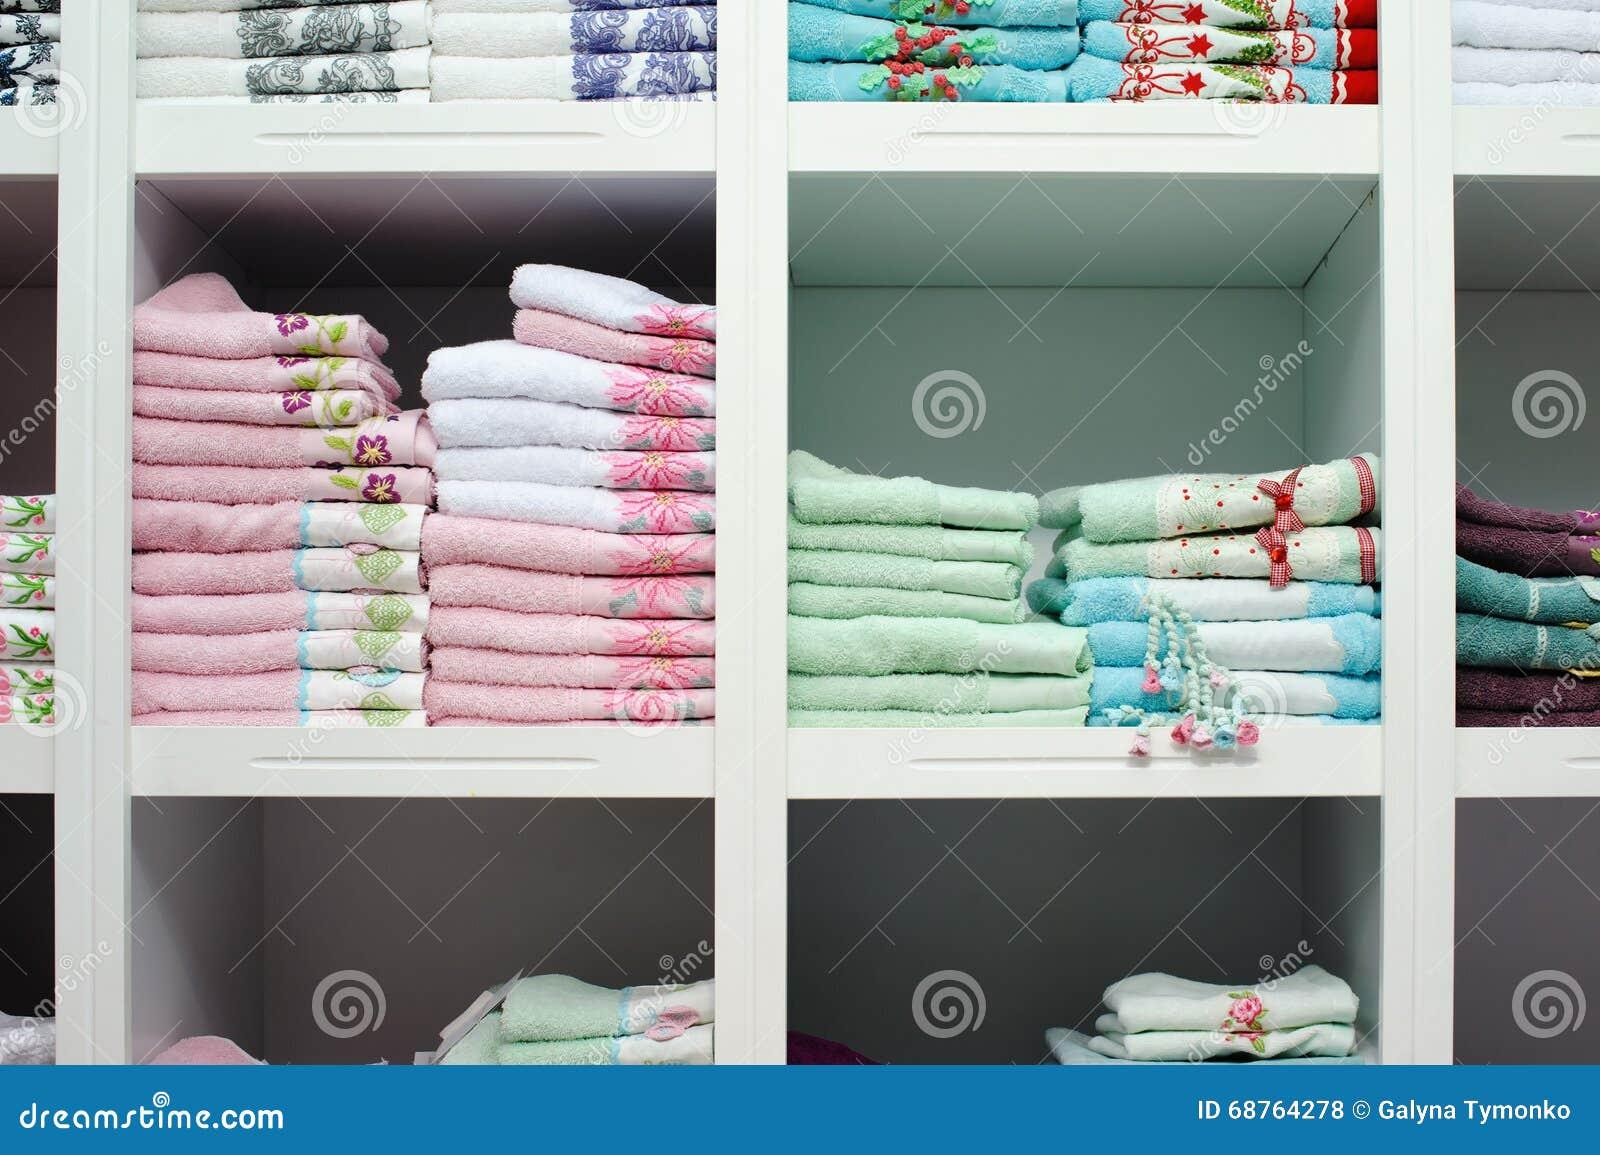 Handduksängark på hyllan i ett lager